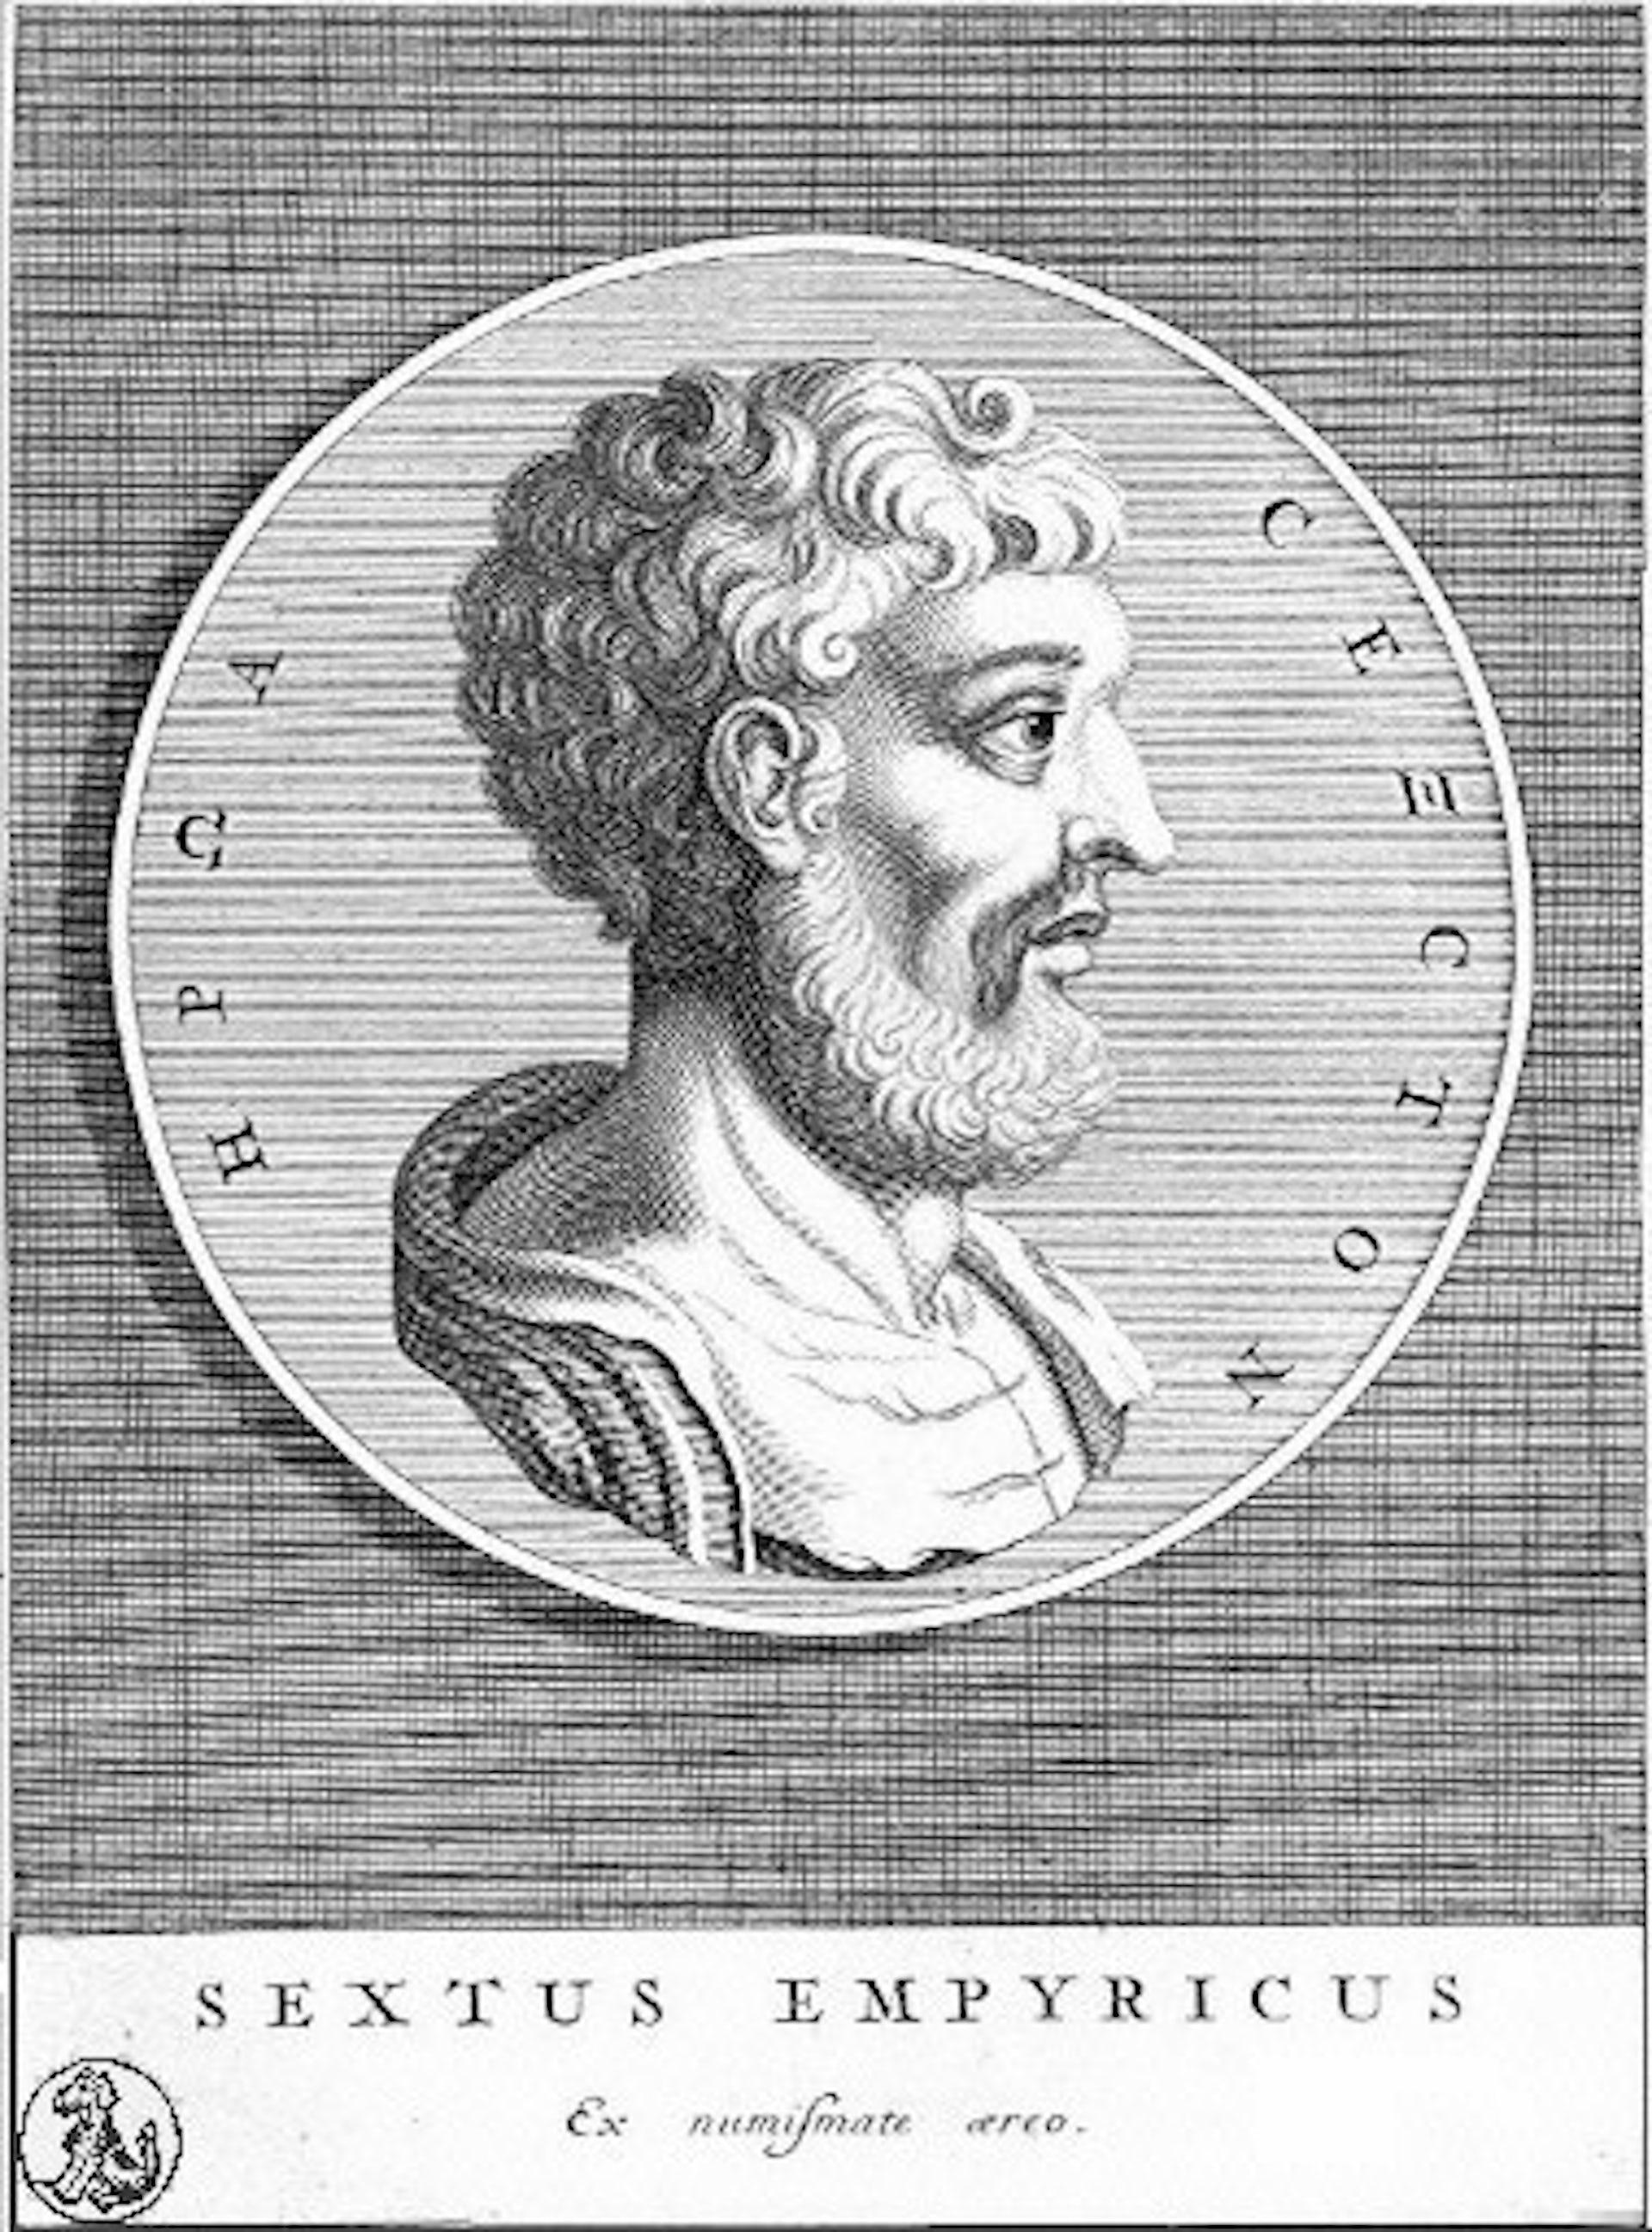 Sextus Empiricus, philosophe sceptique. Wikimedia